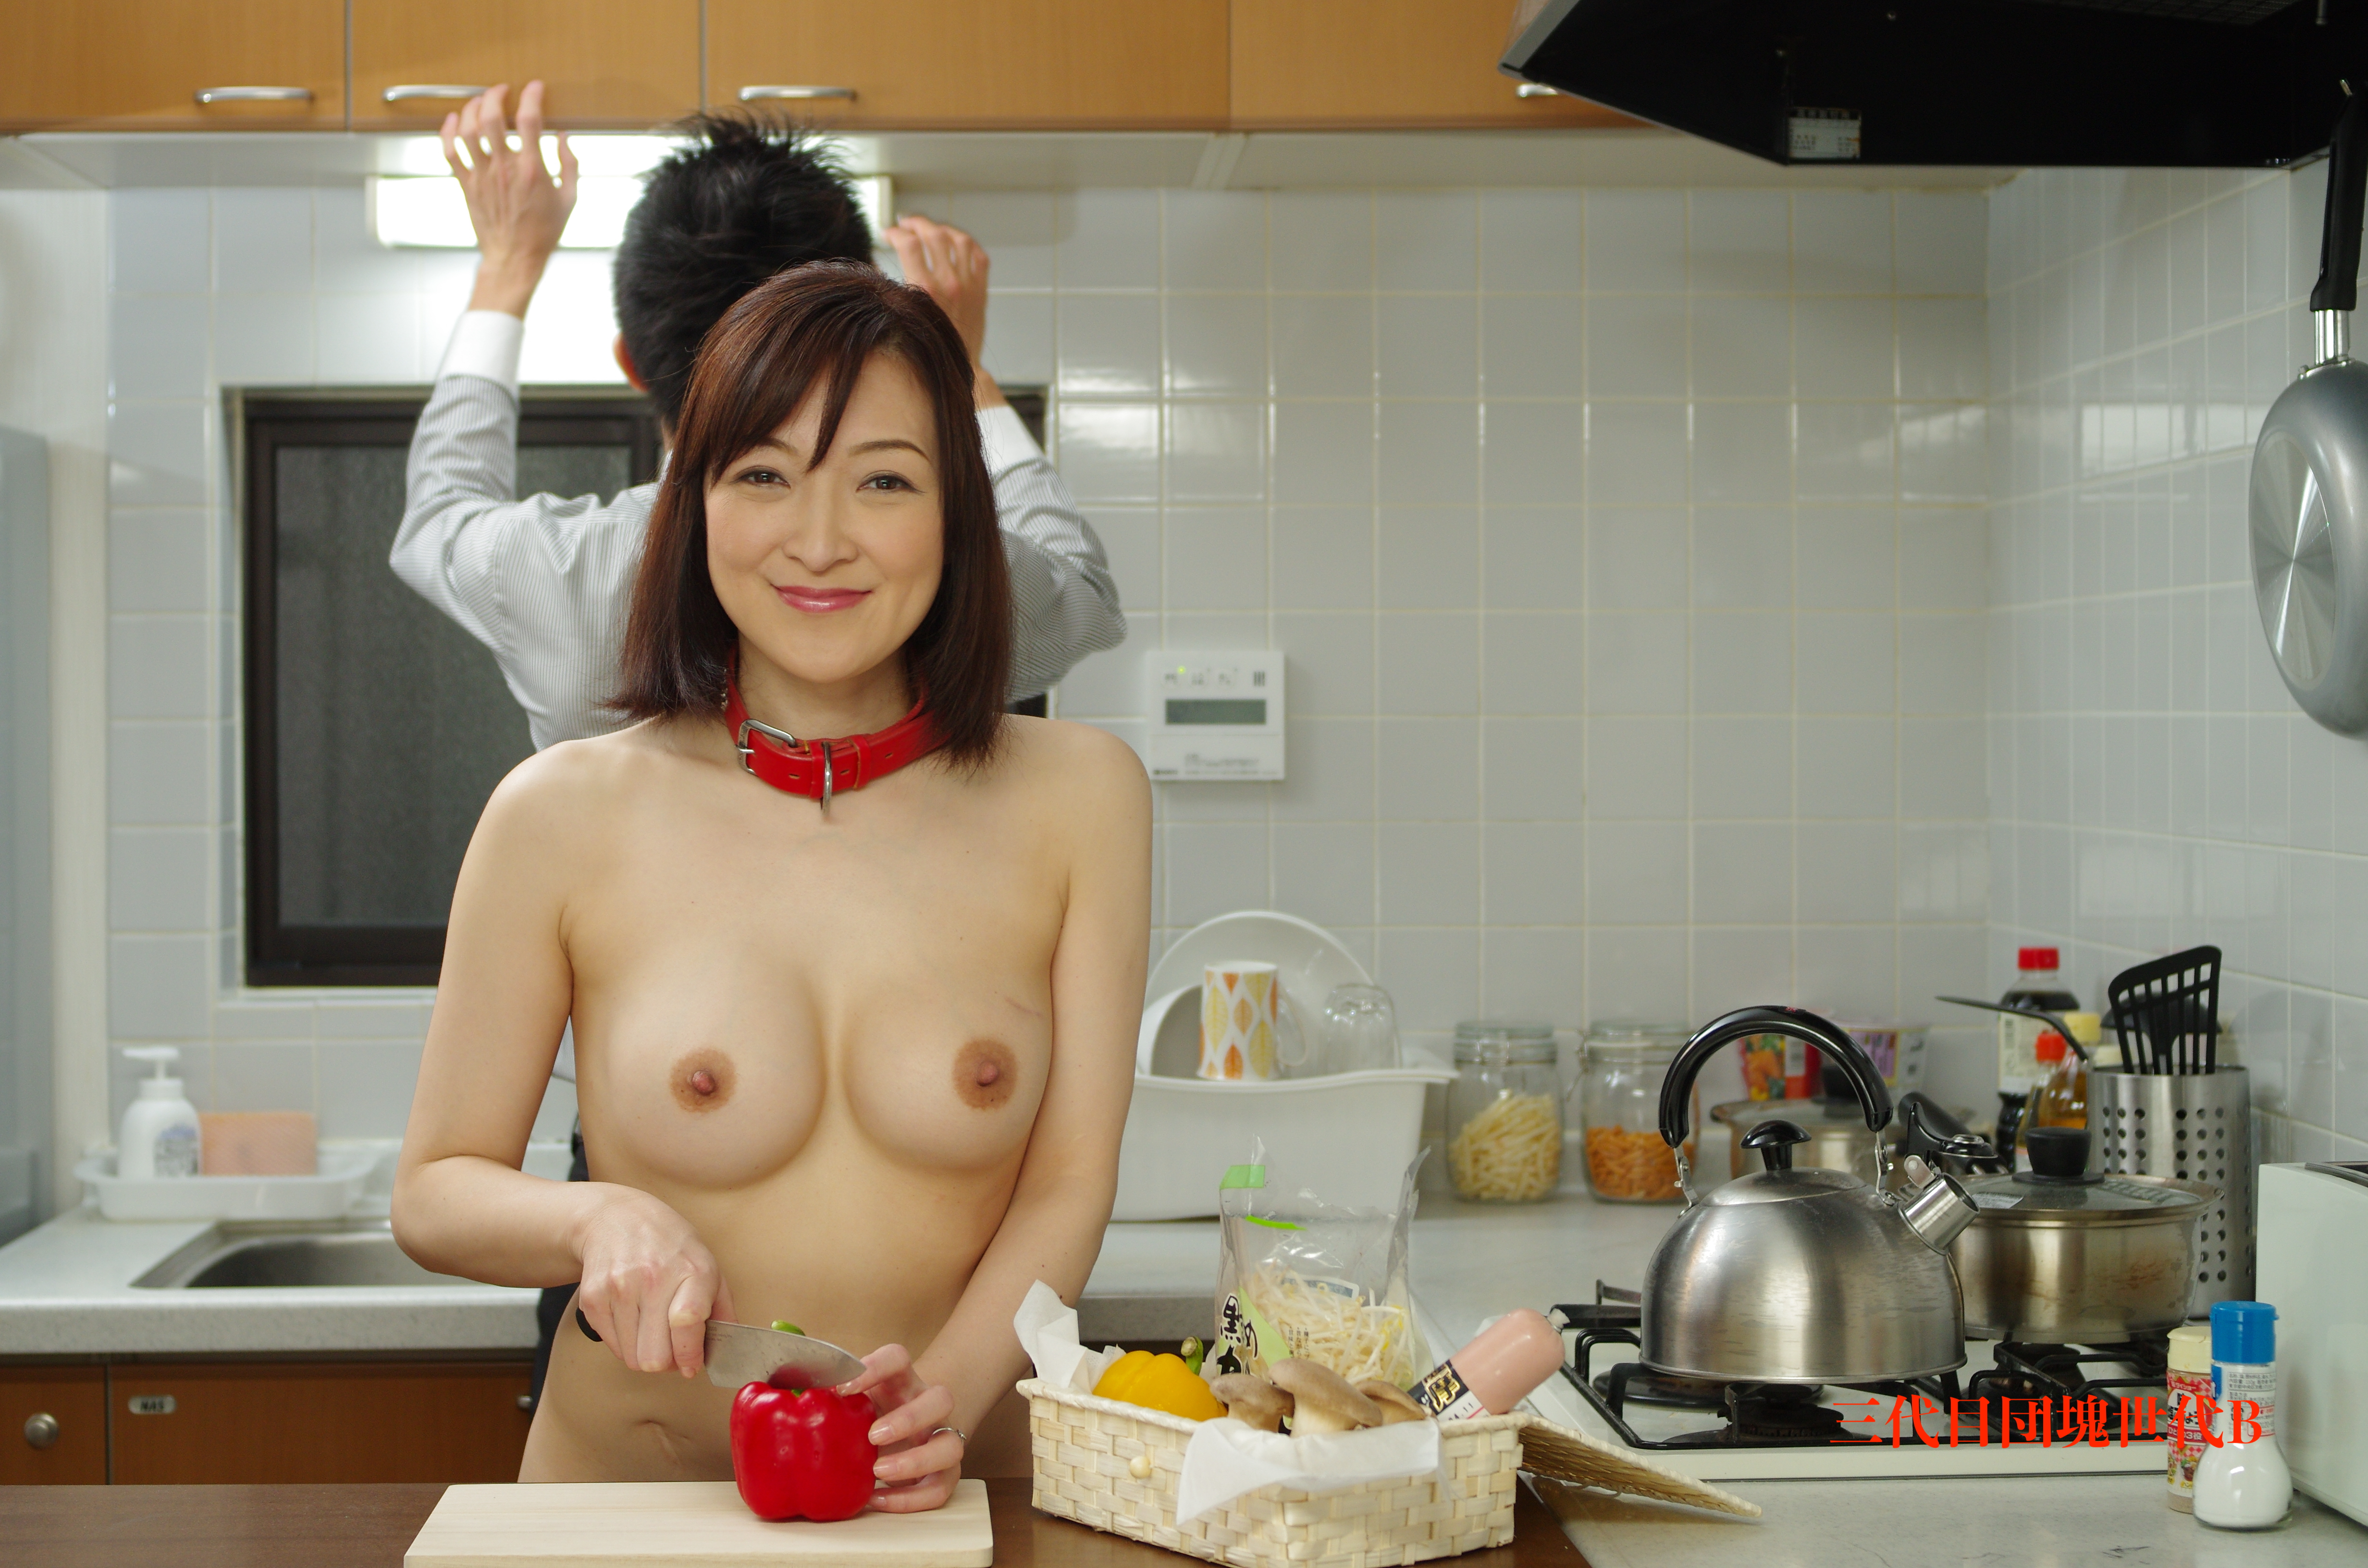 FC2 PPV 1205227 【無】全裸妻。。。なんでも僕の言うことを訊く変態な妻です